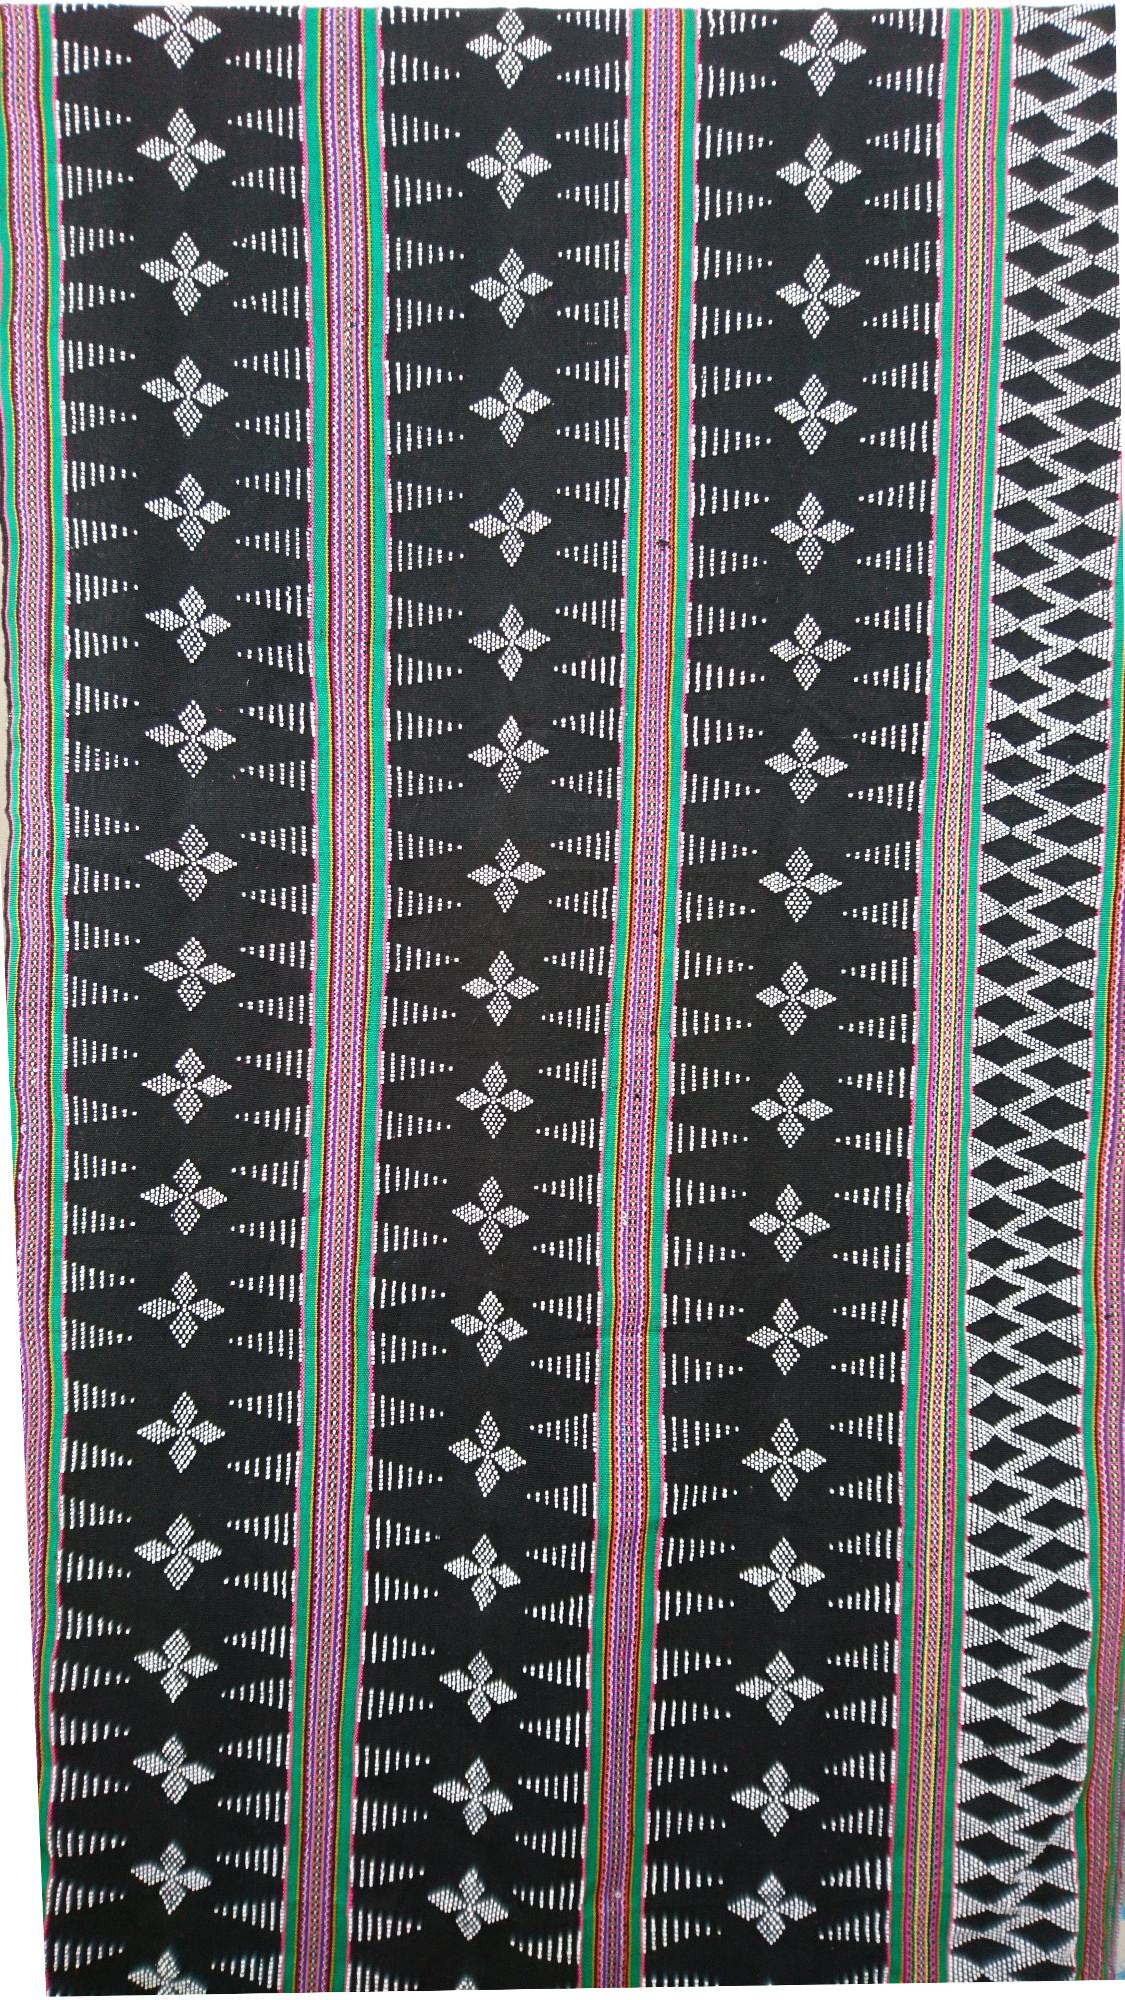 ターオイ族ビーズ入り手織りブロケードロング (ビーズ柄)グリーン